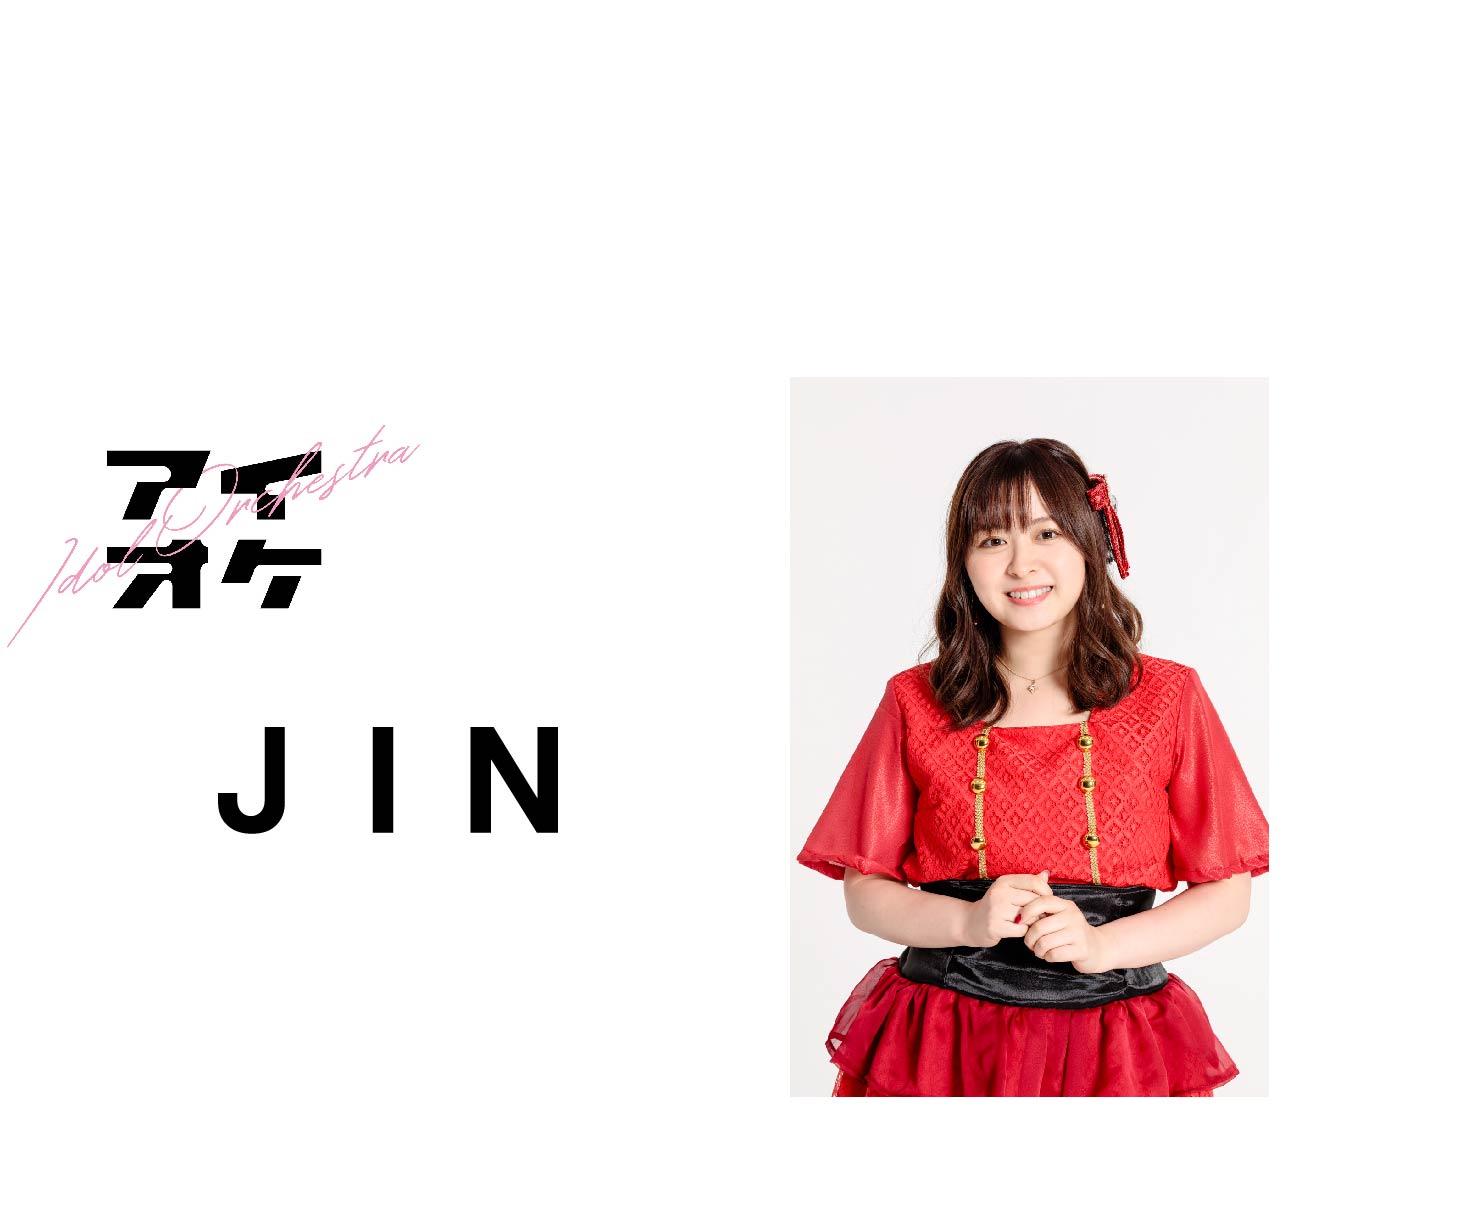 【9月19日(土)内幸町ホール】JINチェキ券